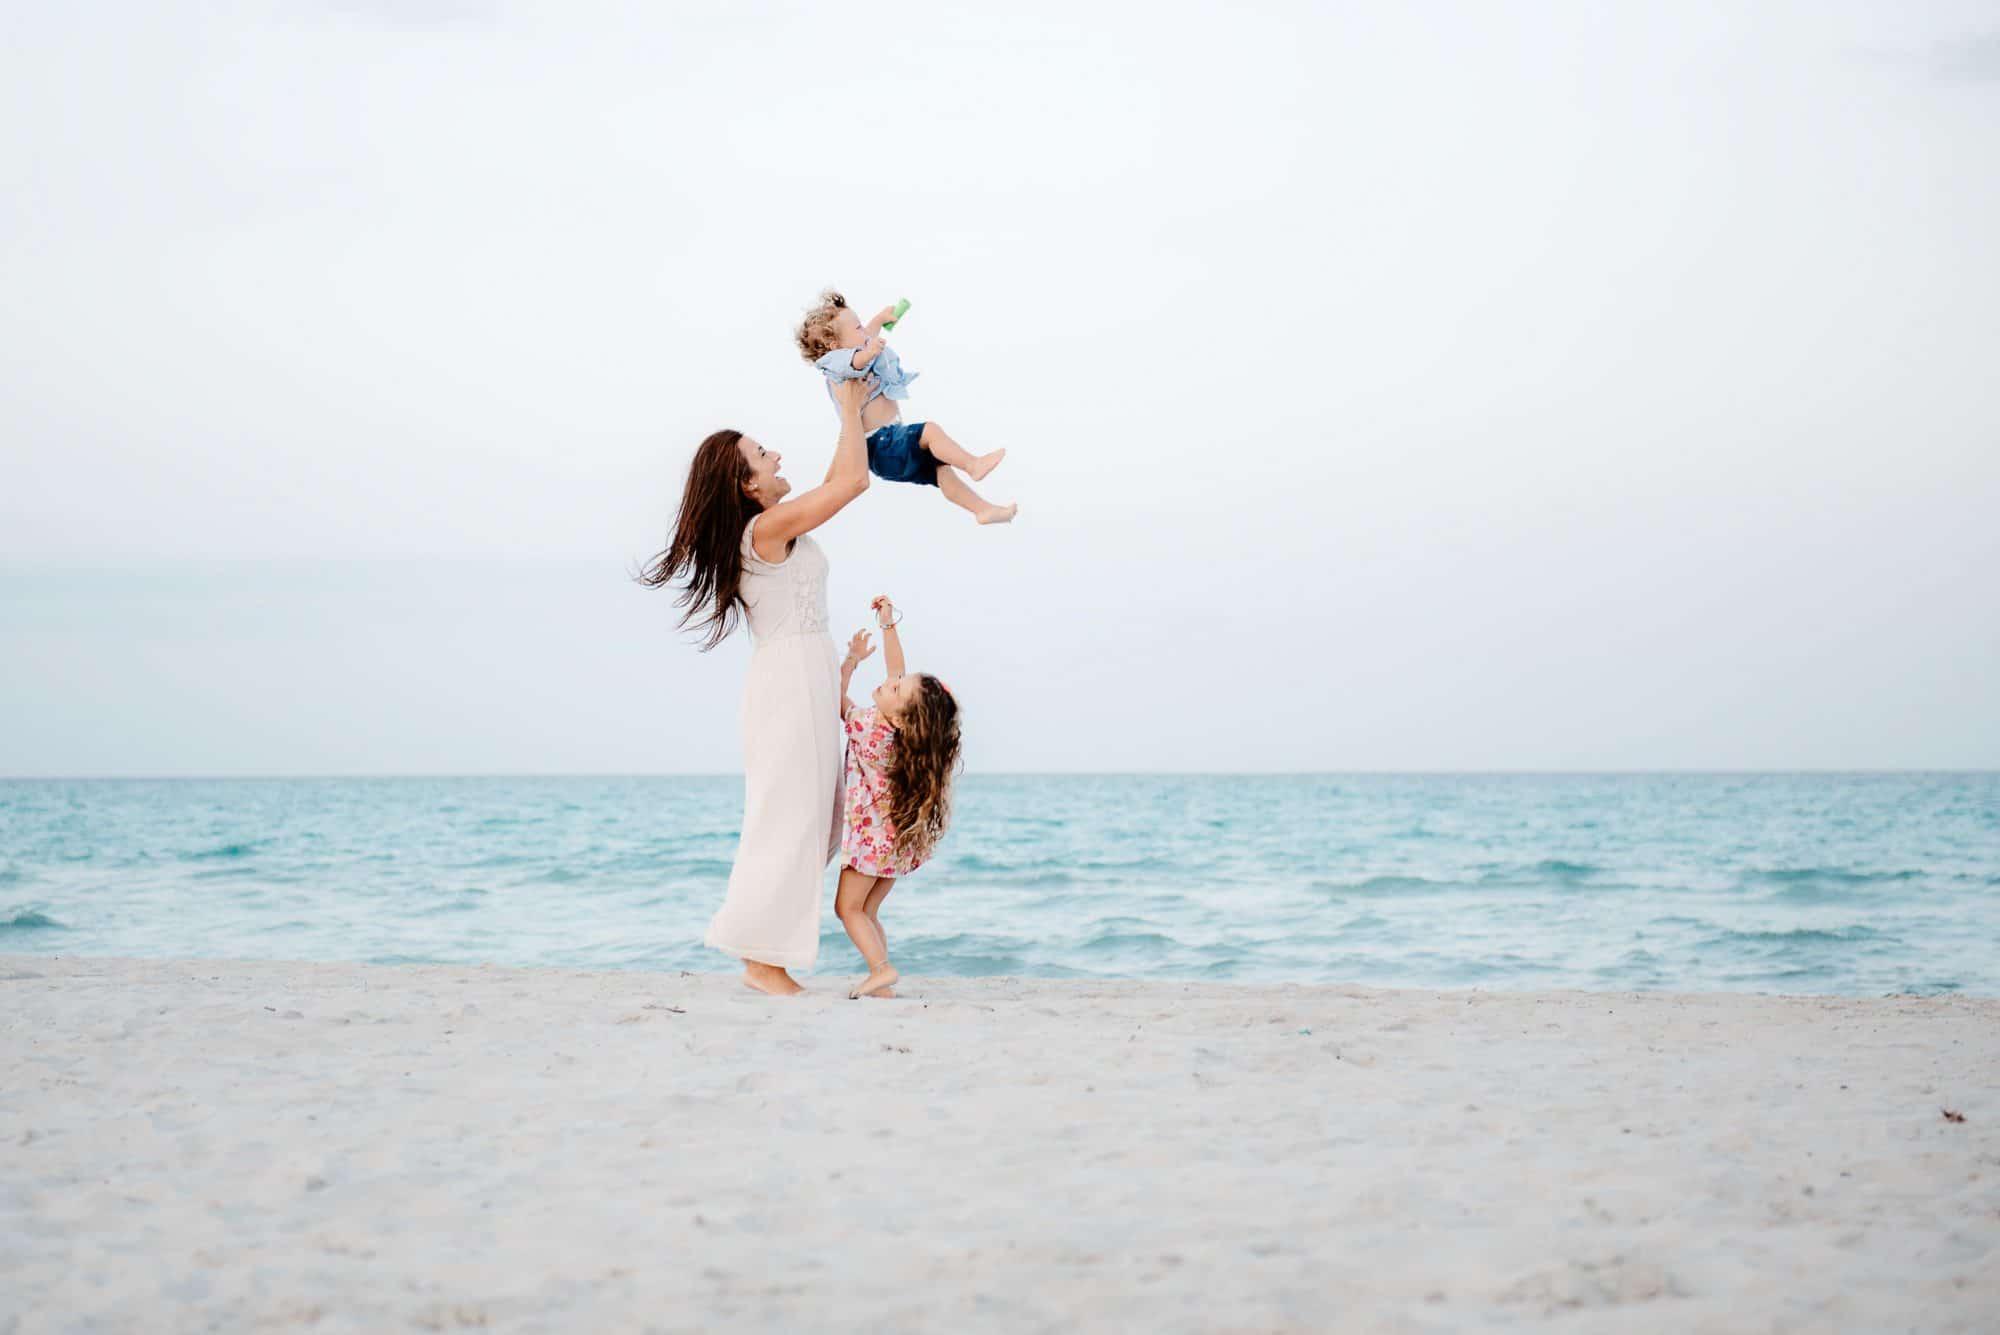 fotografo famiglia costa smeraldo